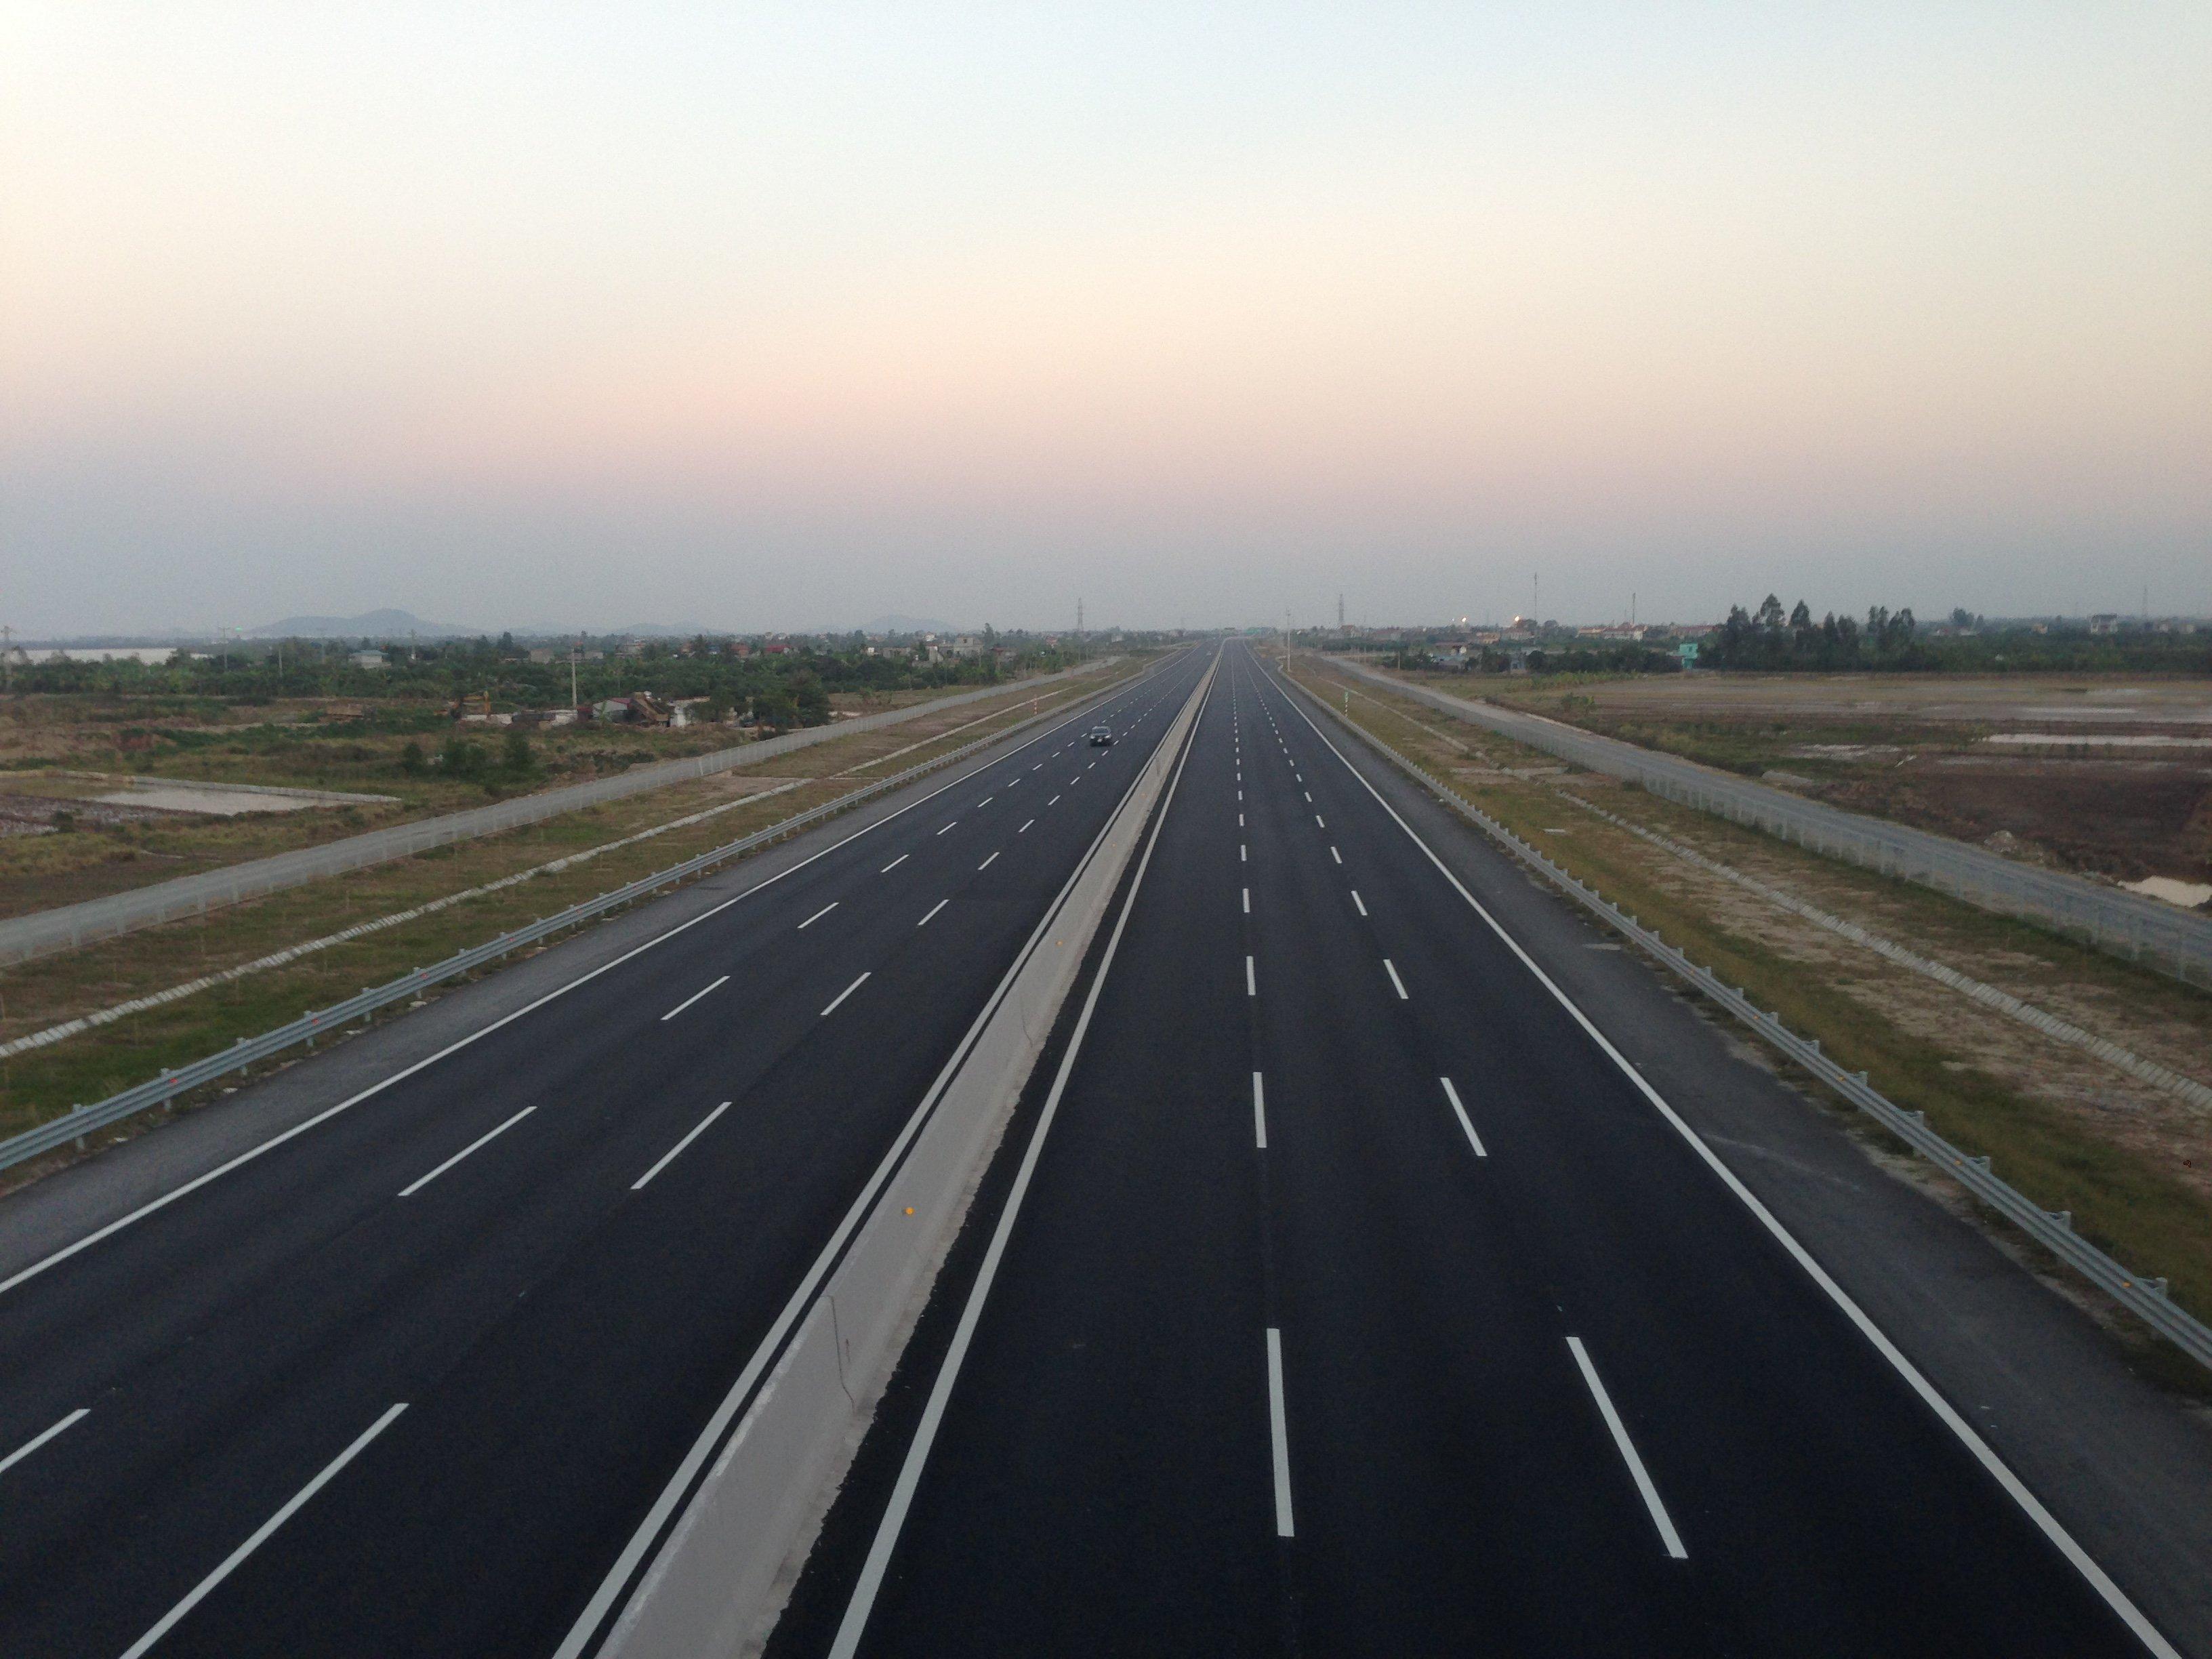 Cao tốc Hà Nội - Hải Phòng tựa như 'con đường ma' ngày đầu năm 1